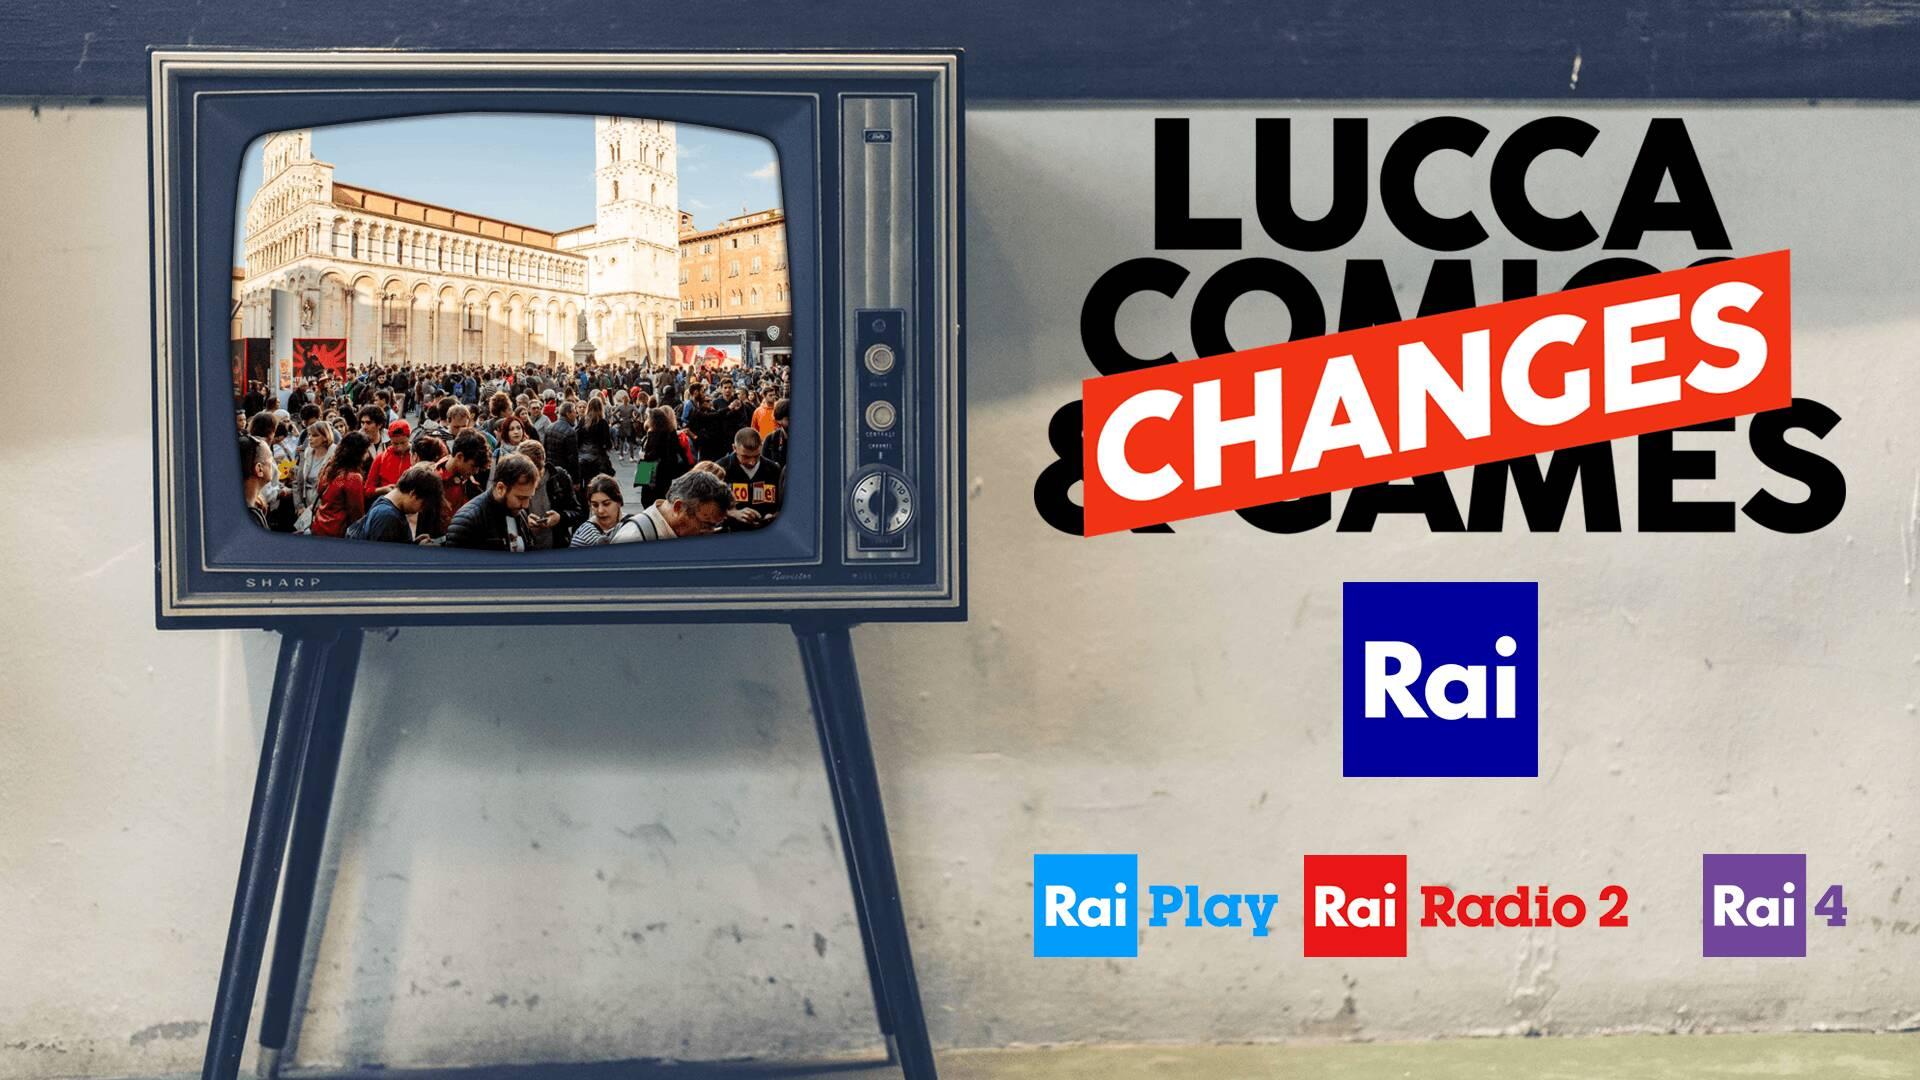 Rai a Lucca Changes